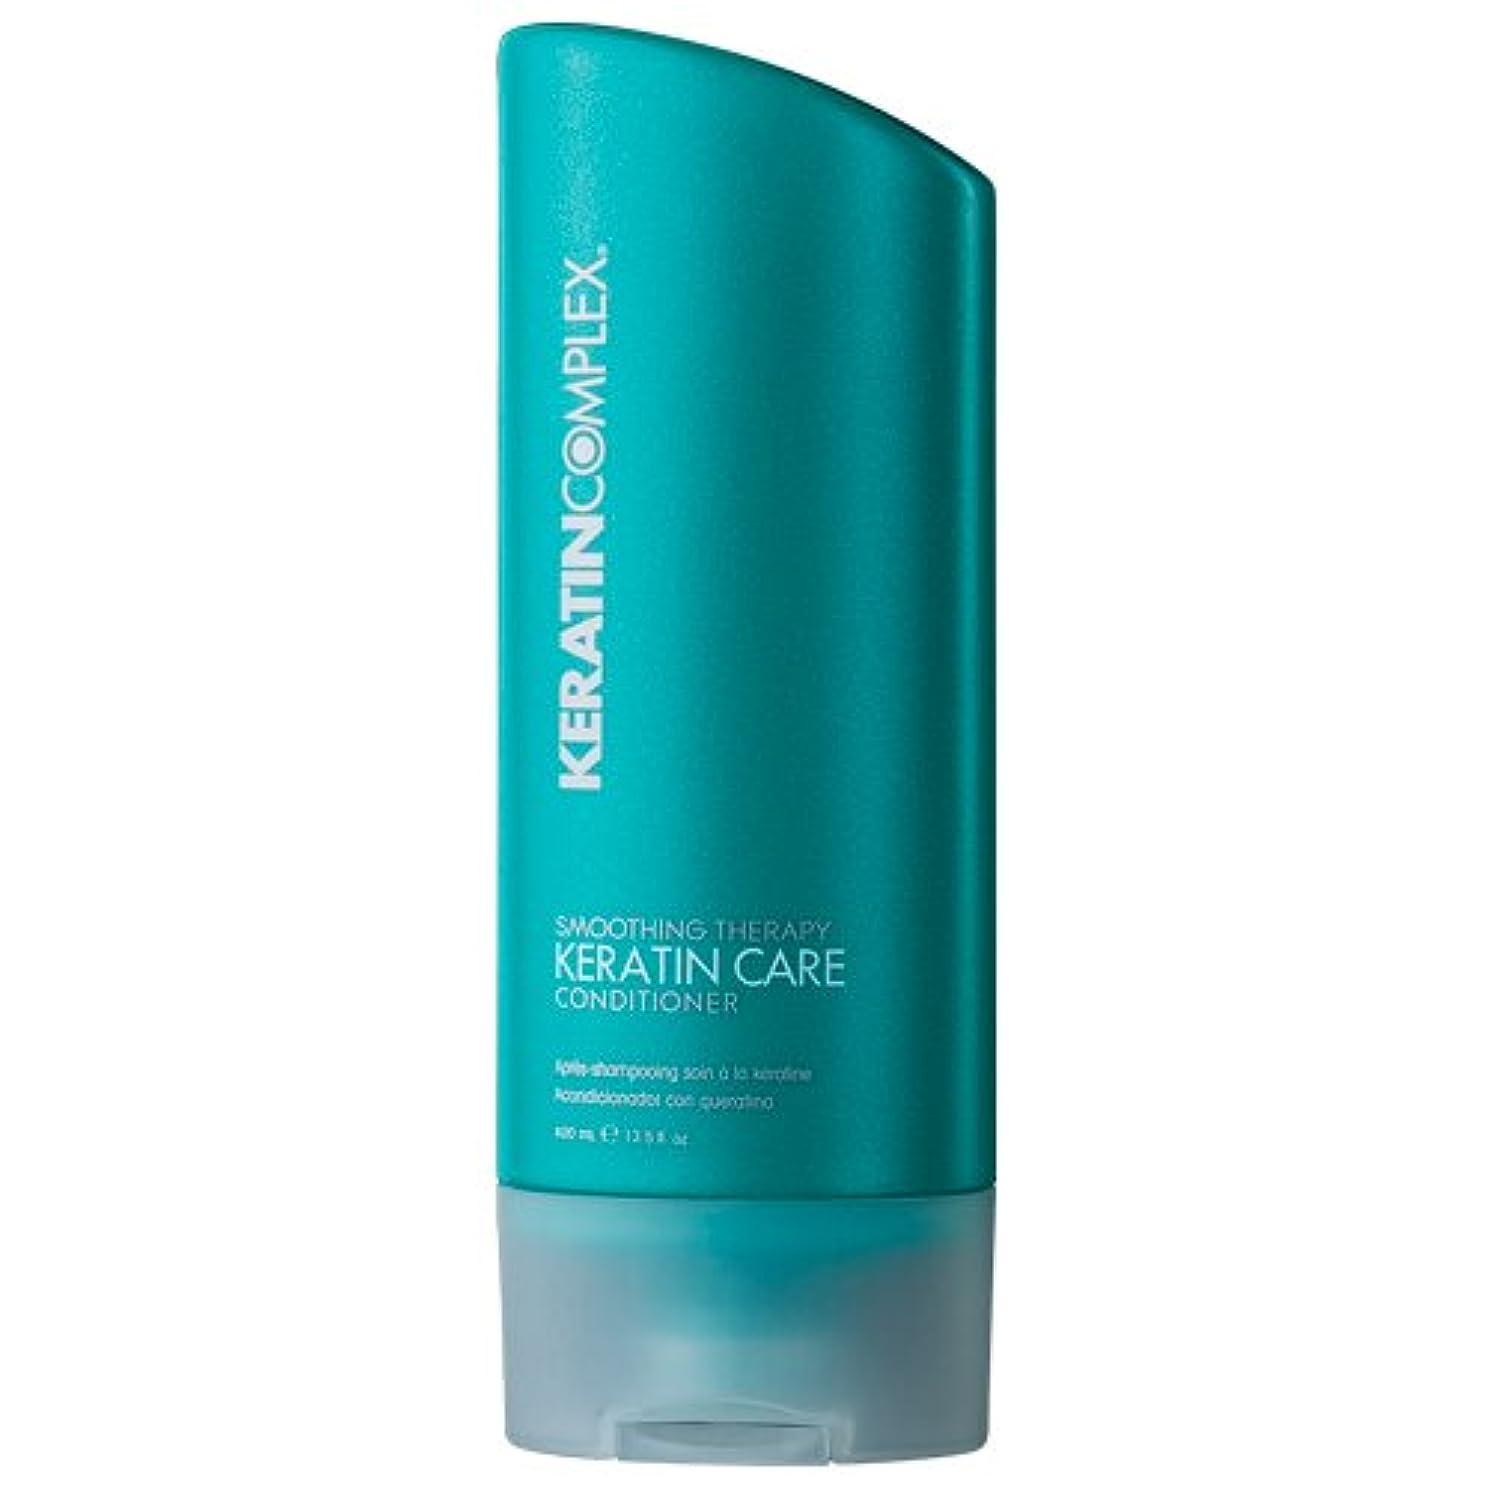 ダイエット伝える代理人Smoothing Therapy Keratin Care Conditioner (For All Hair Types) - 400ml/13.5oz